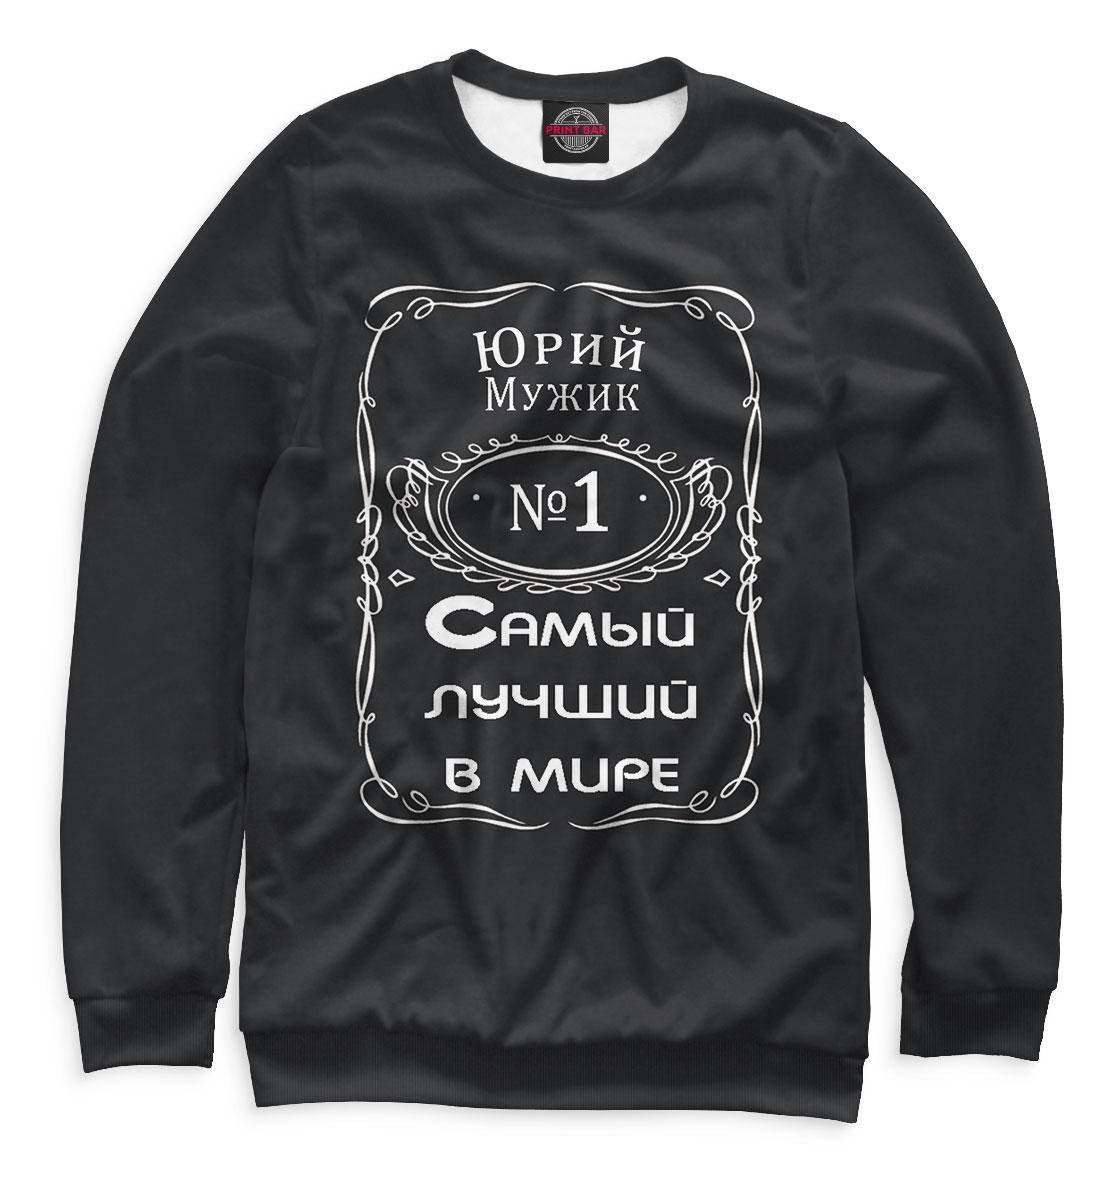 Купить Юрий — самый лучший в мире, Printbar, Свитшоты, IMR-481812-swi